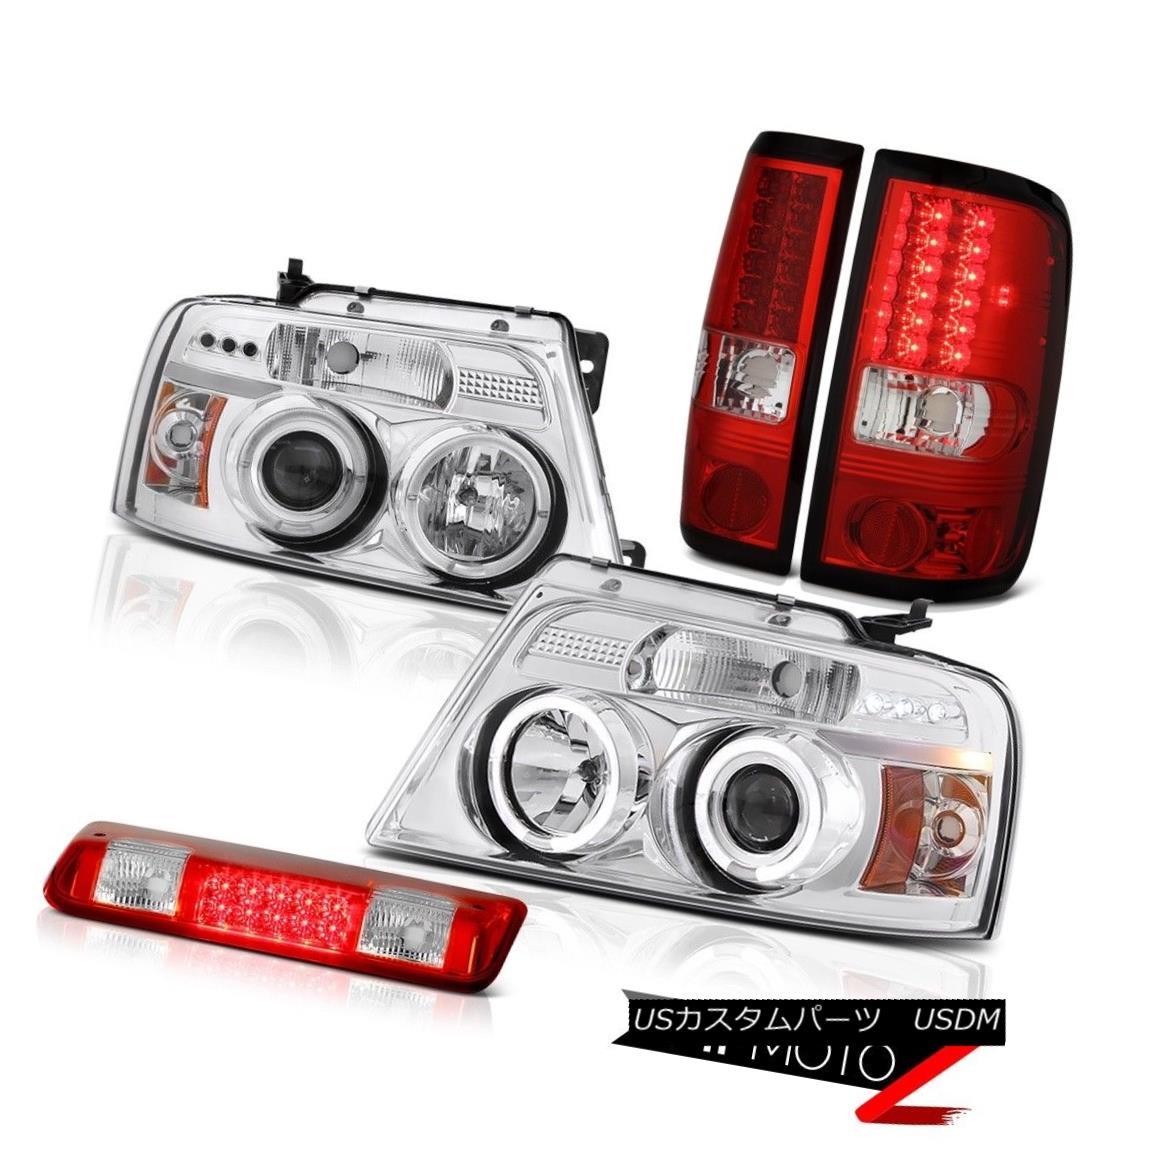 ヘッドライト 2004-2008 Ford F150 XLT 3rd Brake Lamp Headlamps Taillamps Halo Ring